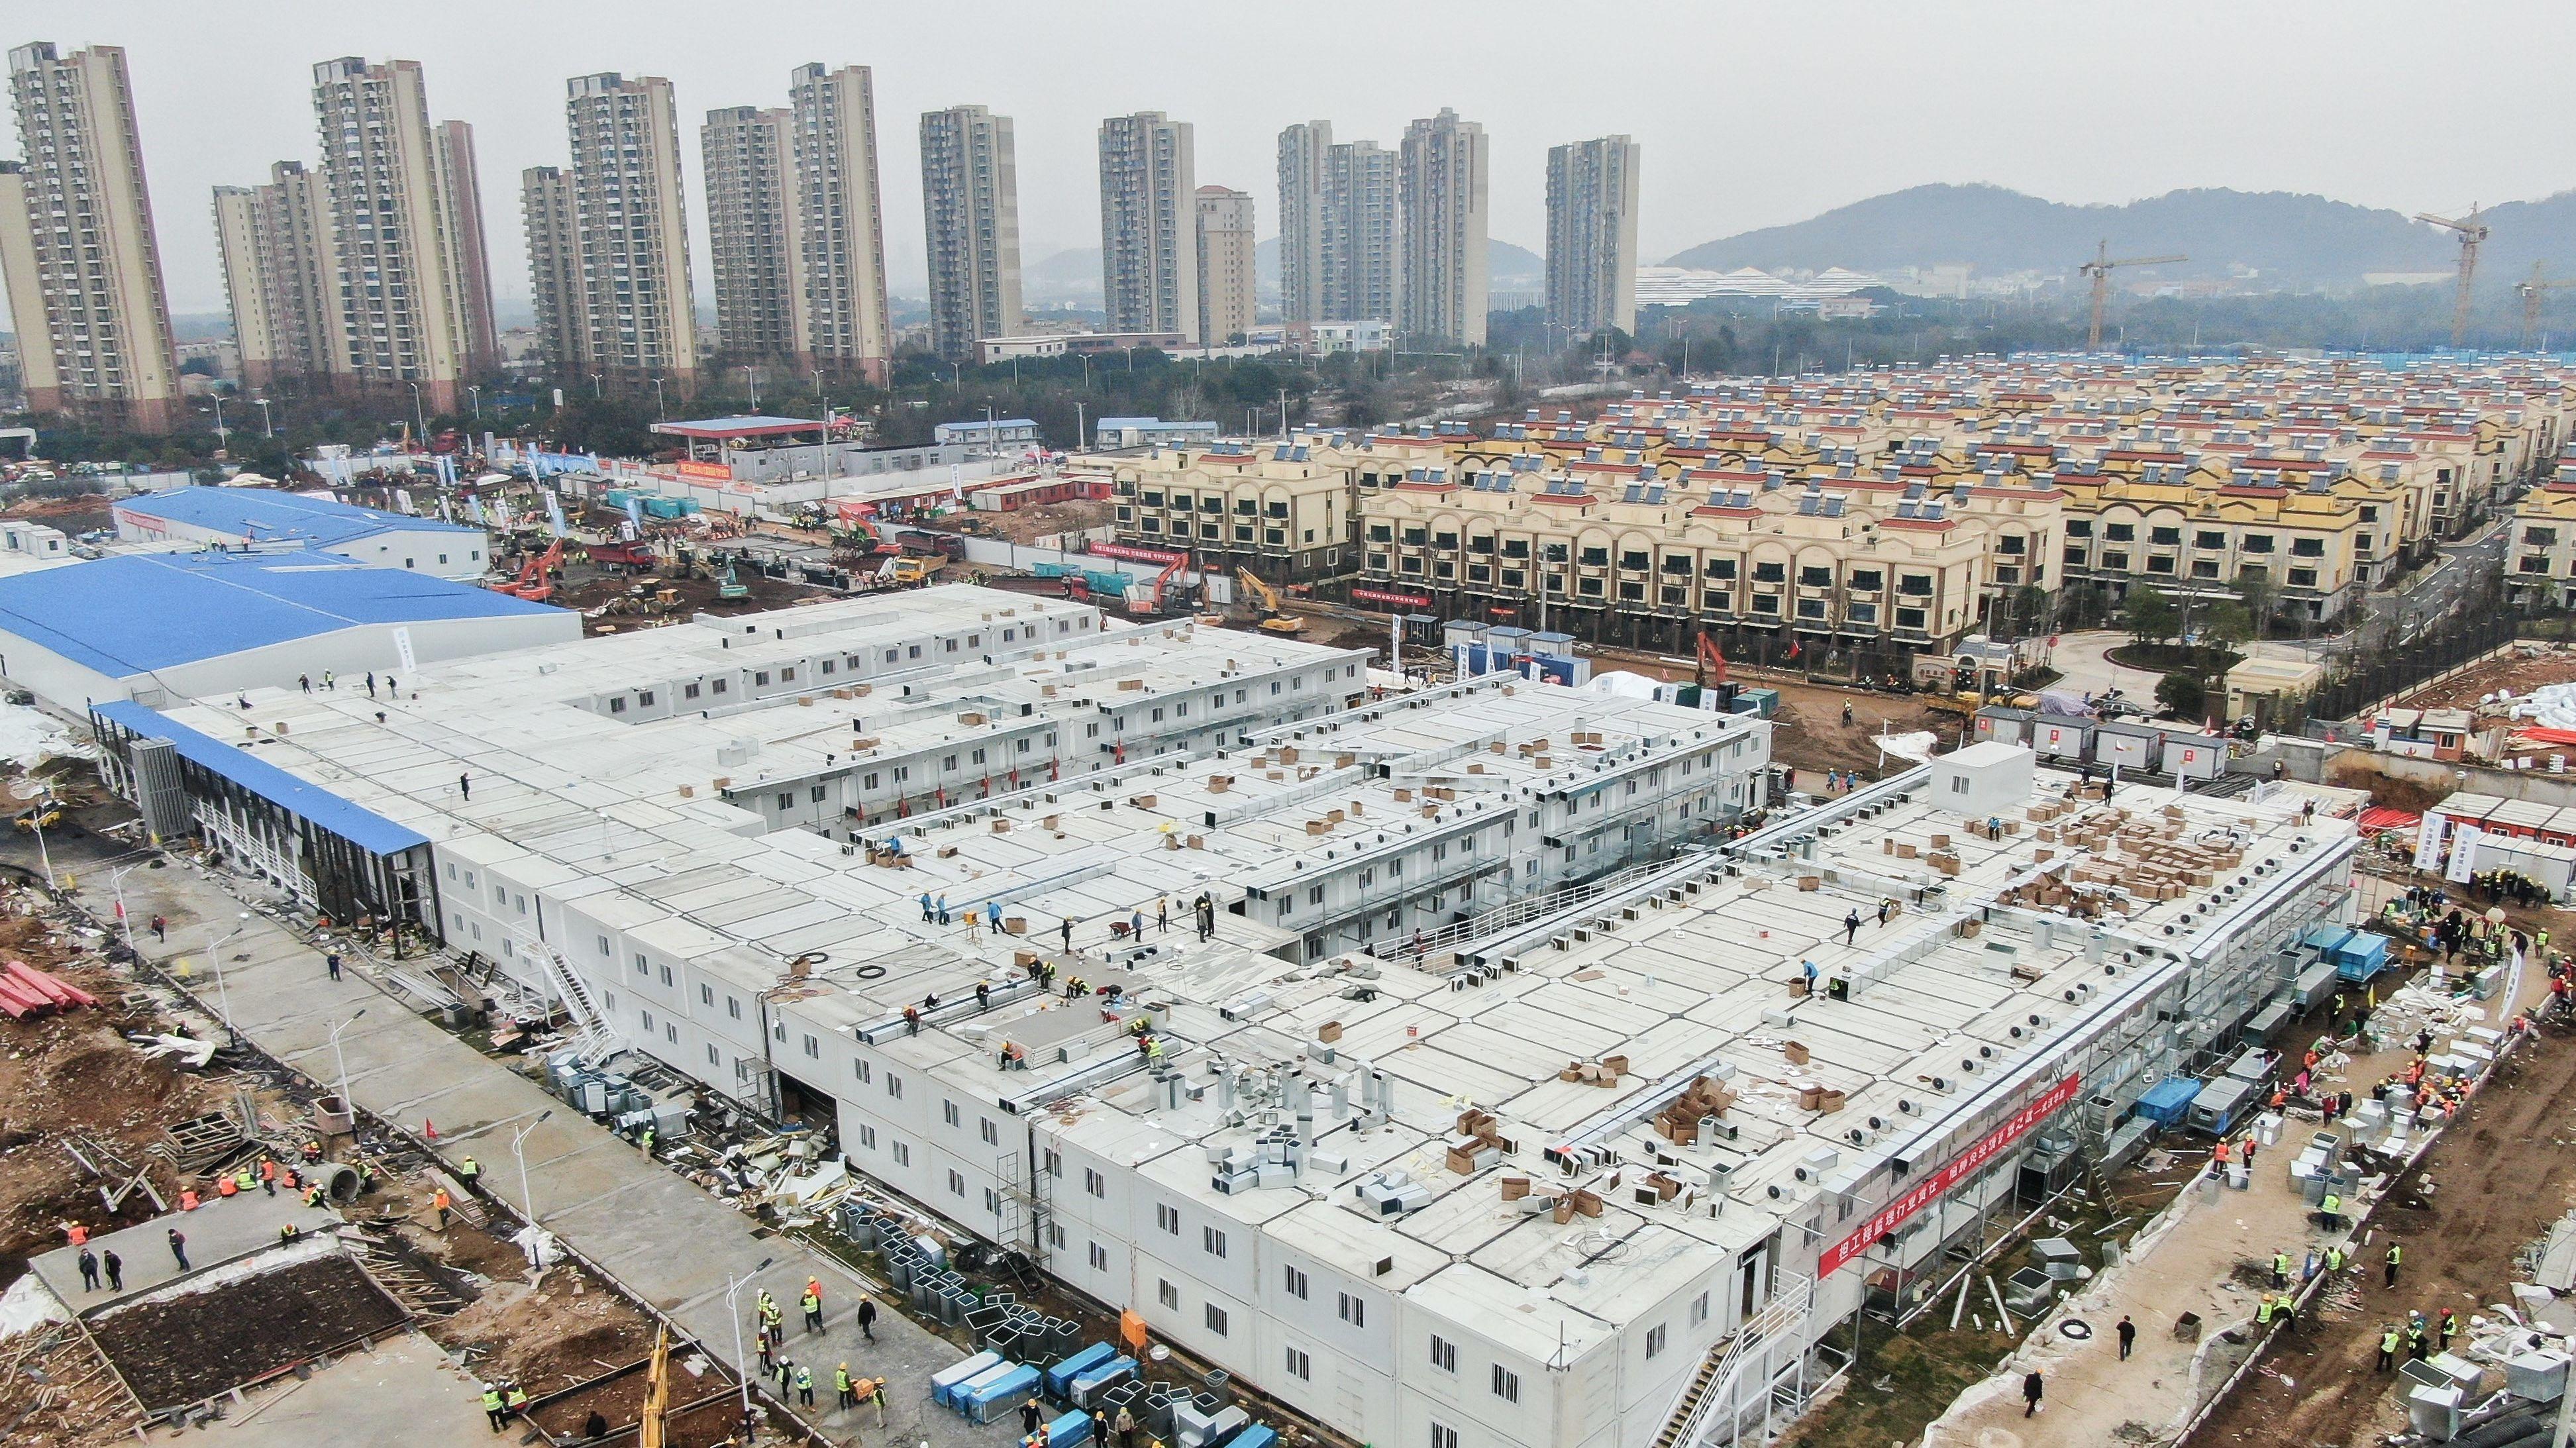 Huoshenshan Krankenhaus in Wuhan